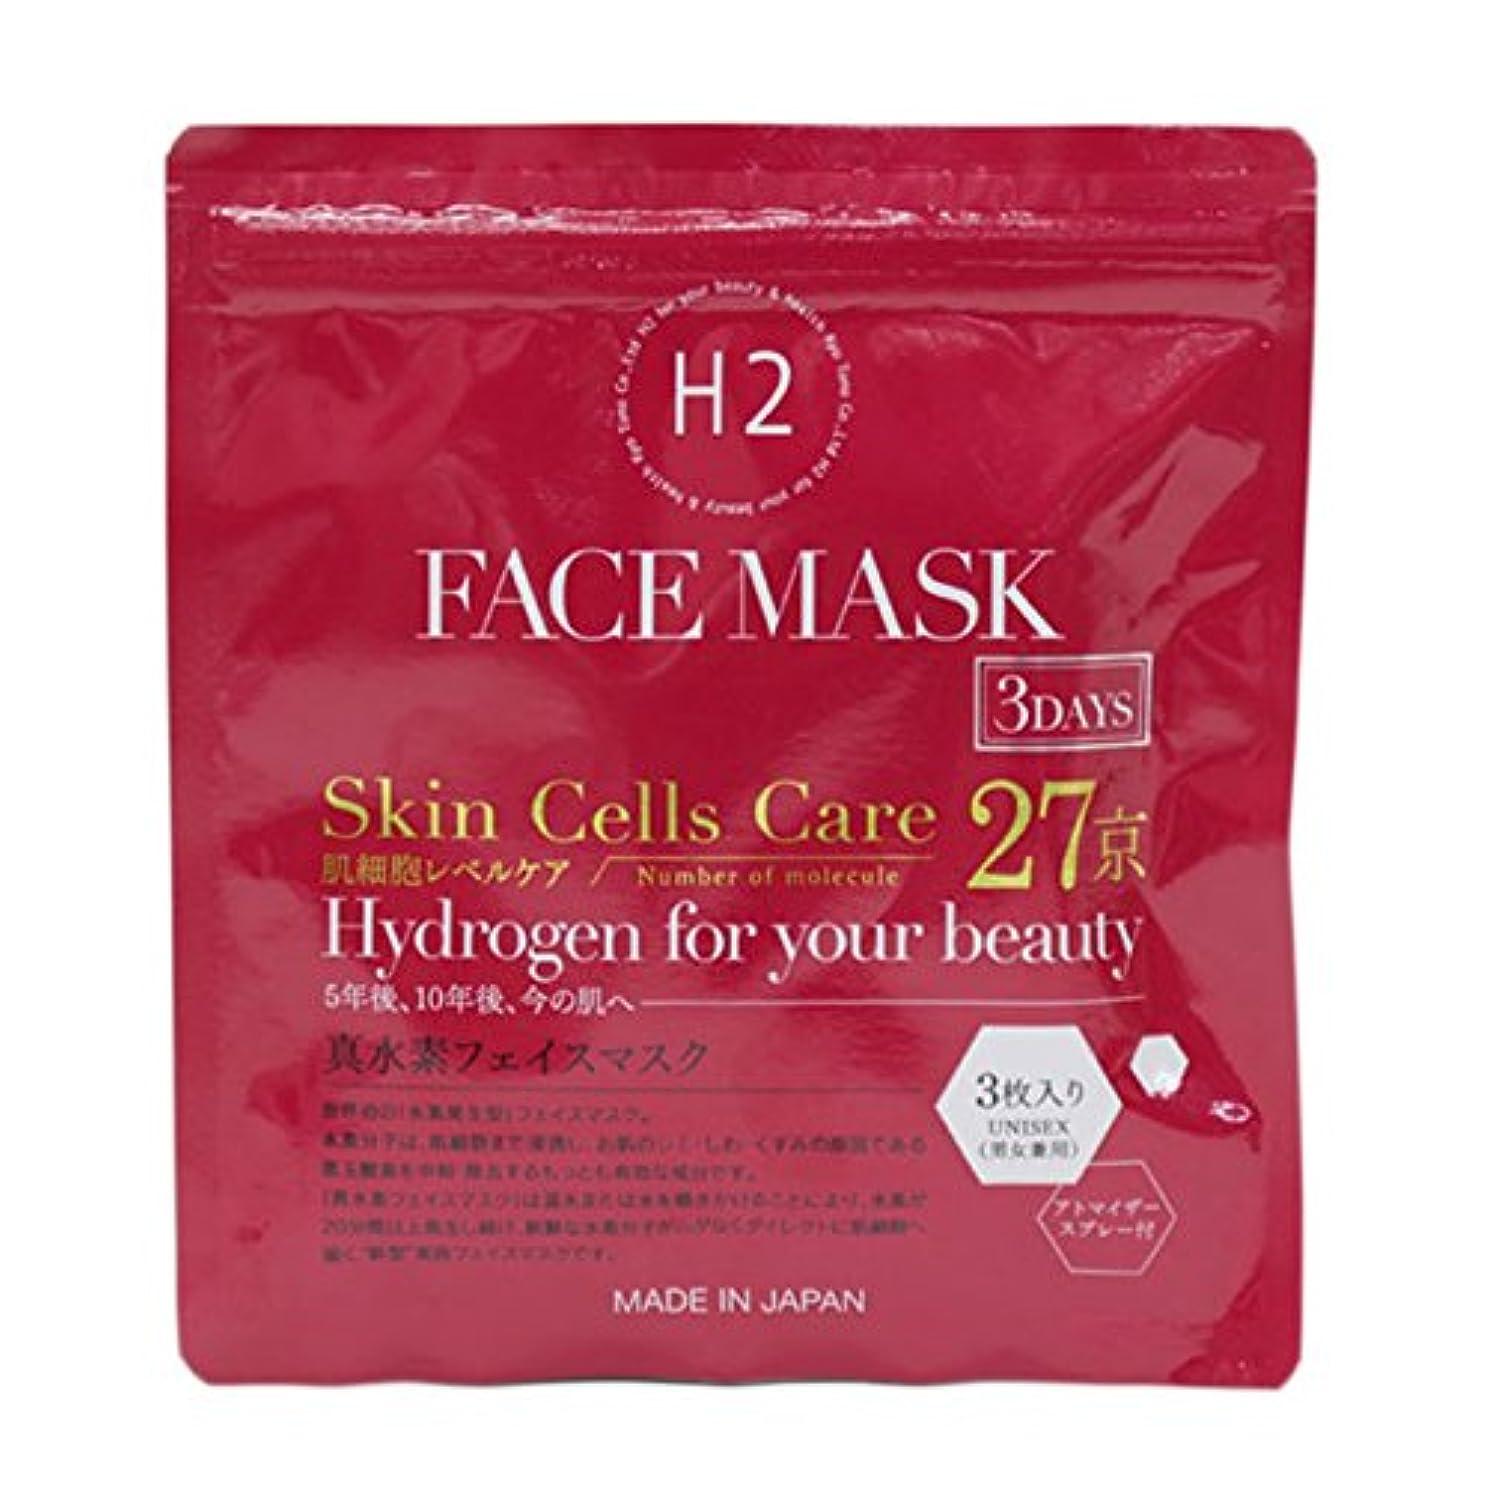 導出同種の意志に反するKyotomo 真水素フェイスマスク 3枚